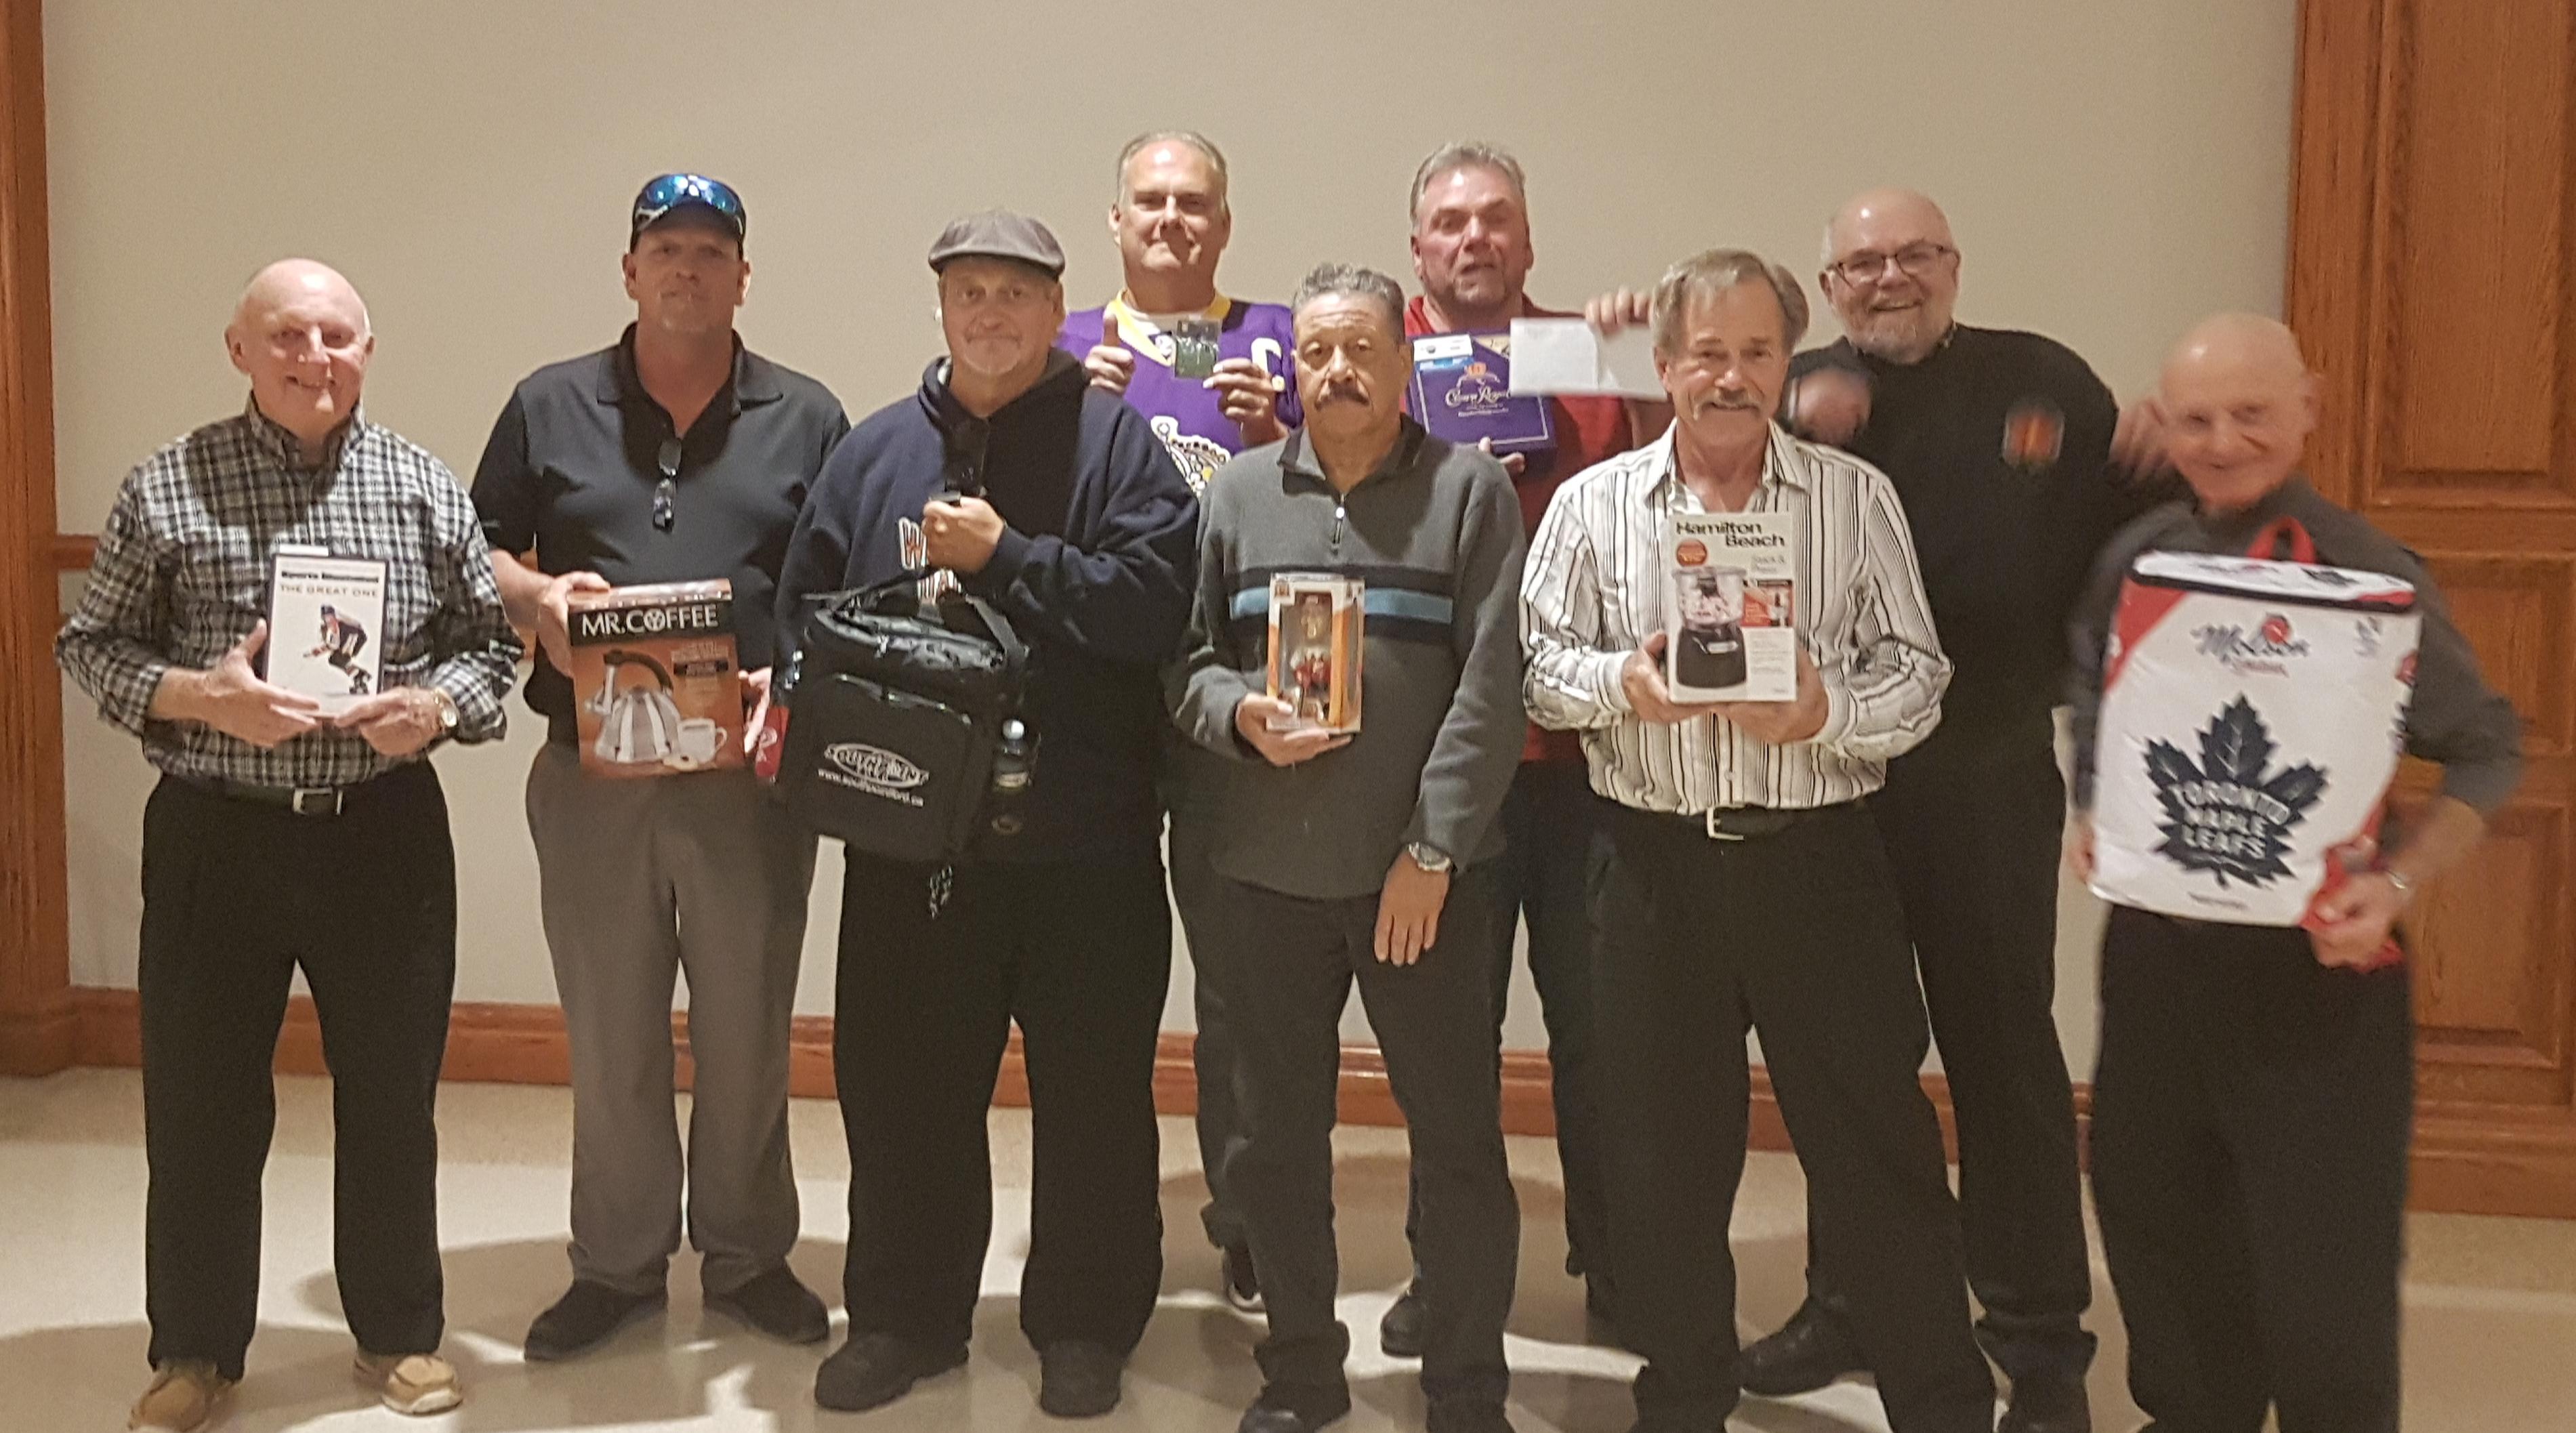 A few prize winners